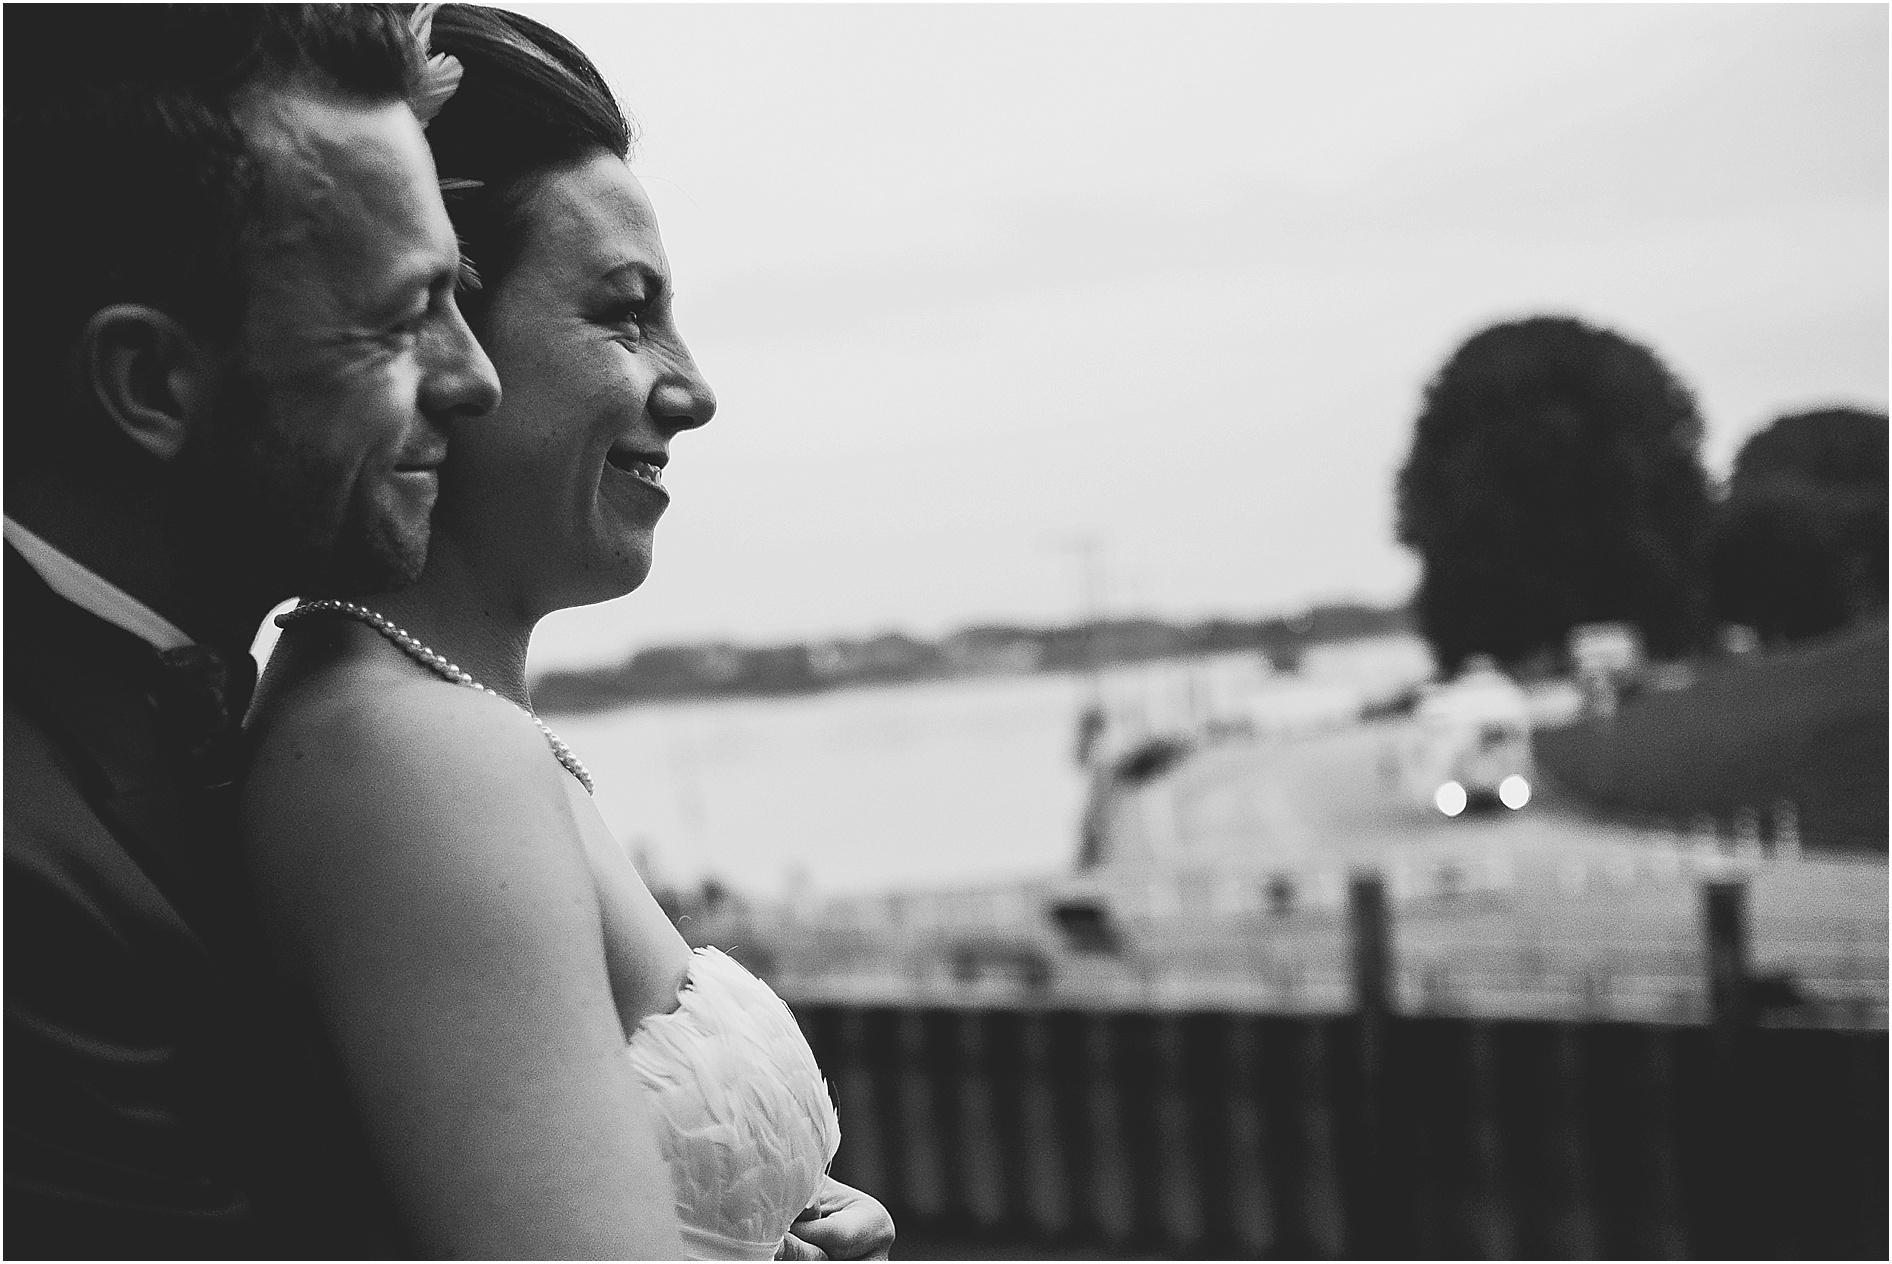 2015-10-27_0105 Tine & Chrischan - Hochzeitsfilm & Fotos in Lüneburg